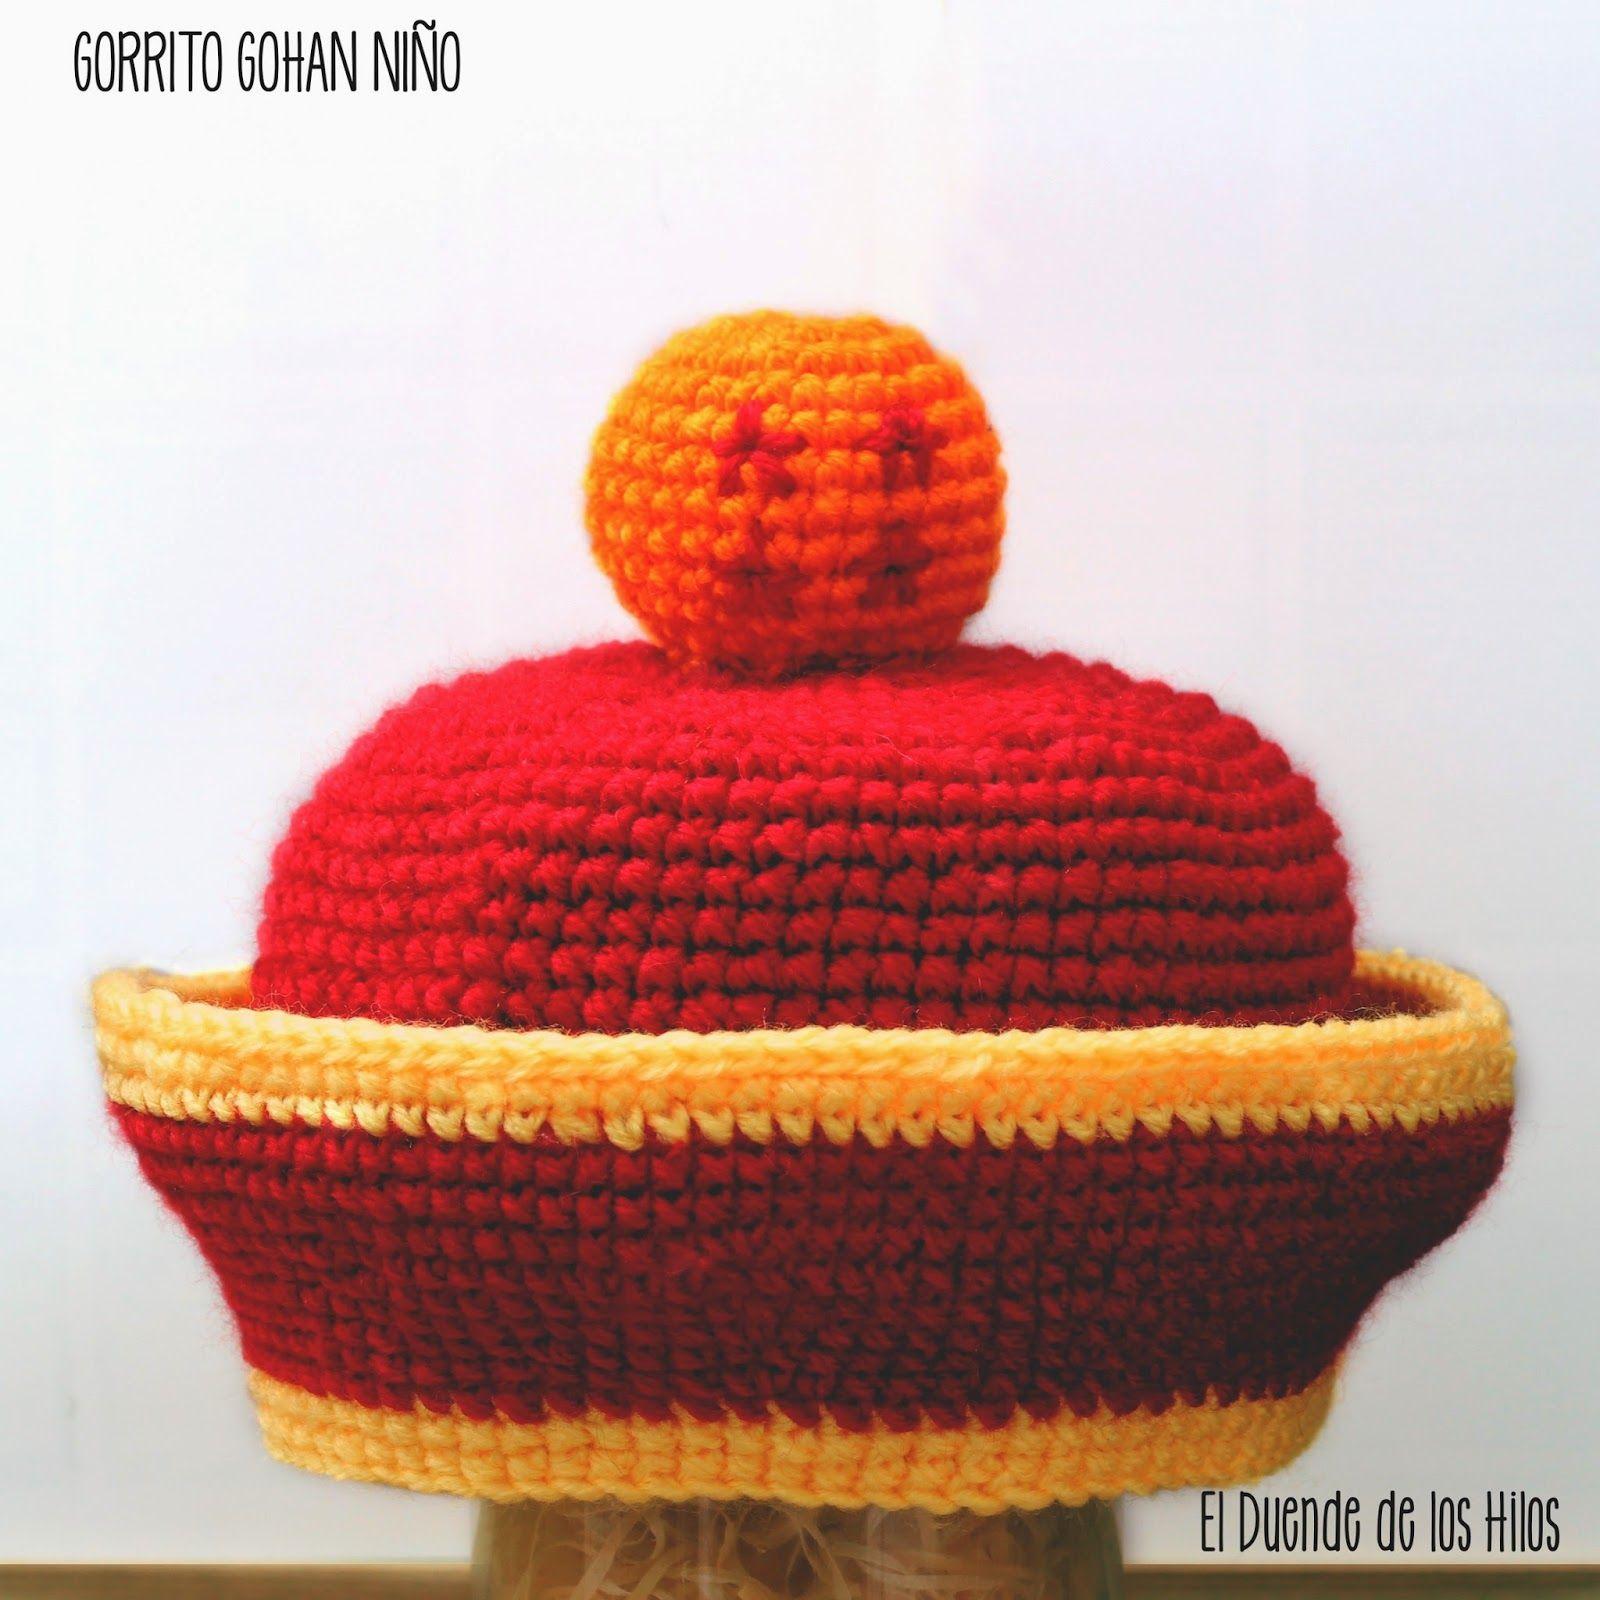 El Duende de los Hilos: Gorrito de Gohan (Bebé) | gorros | Pinterest ...